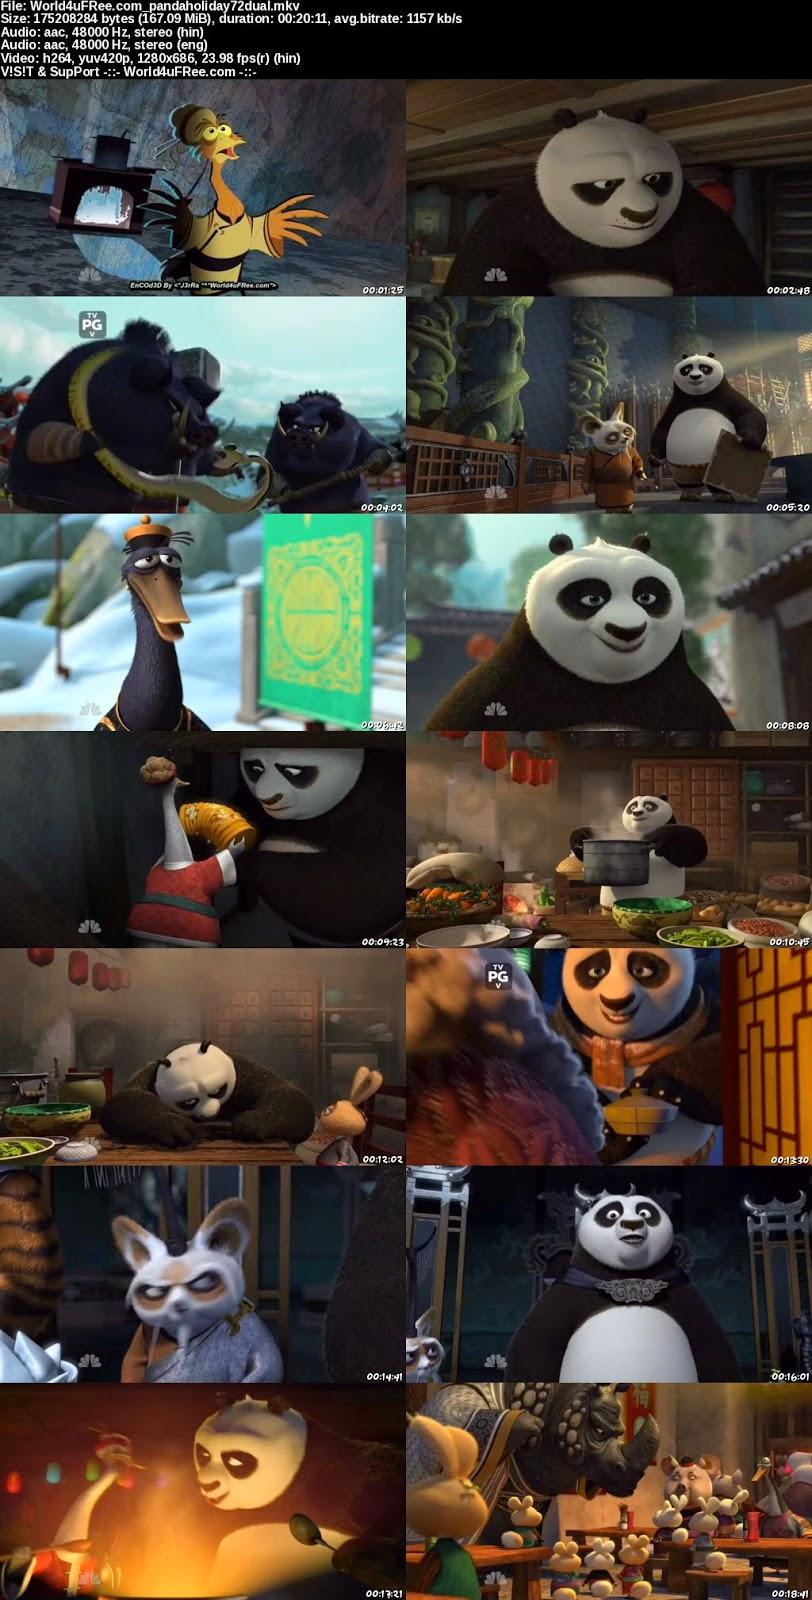 Watch Kung Fu Panda Holiday Special 2010 Online In Hindi at moviesmella.com